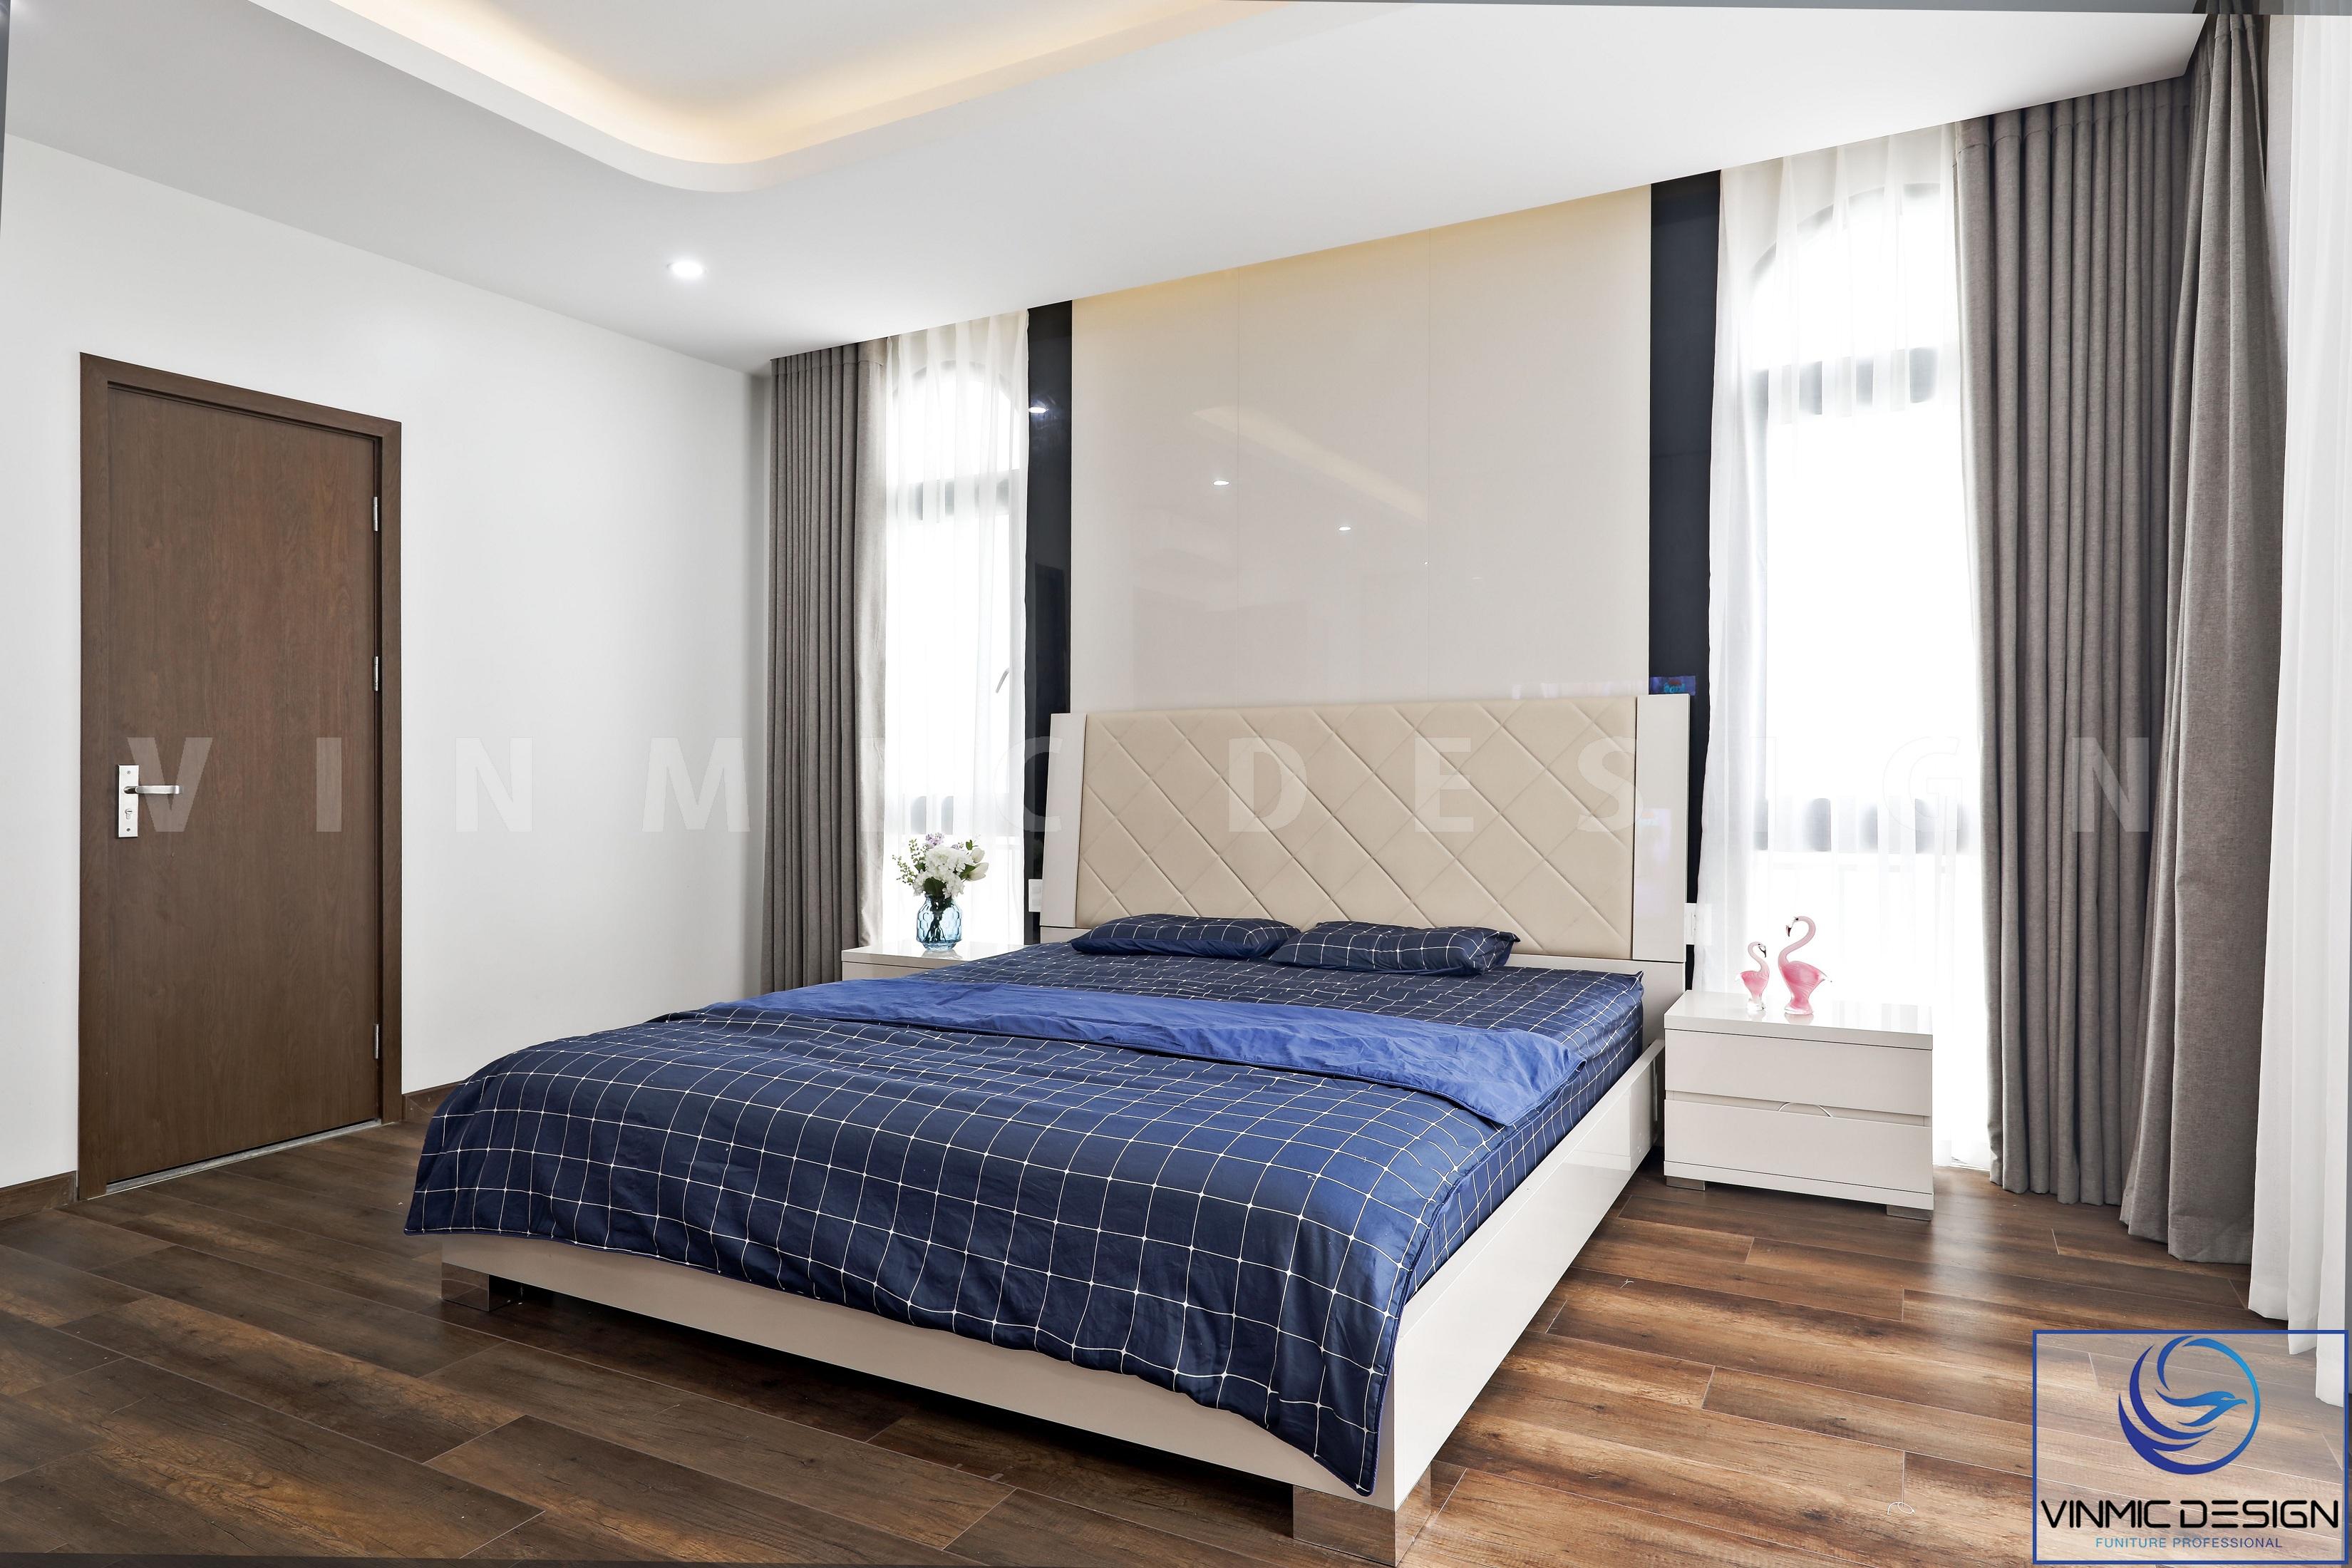 Phòng ngủ với phong cách hiện đại nên giường ngủ cũng được thi công gọn gàng, không rườm rà